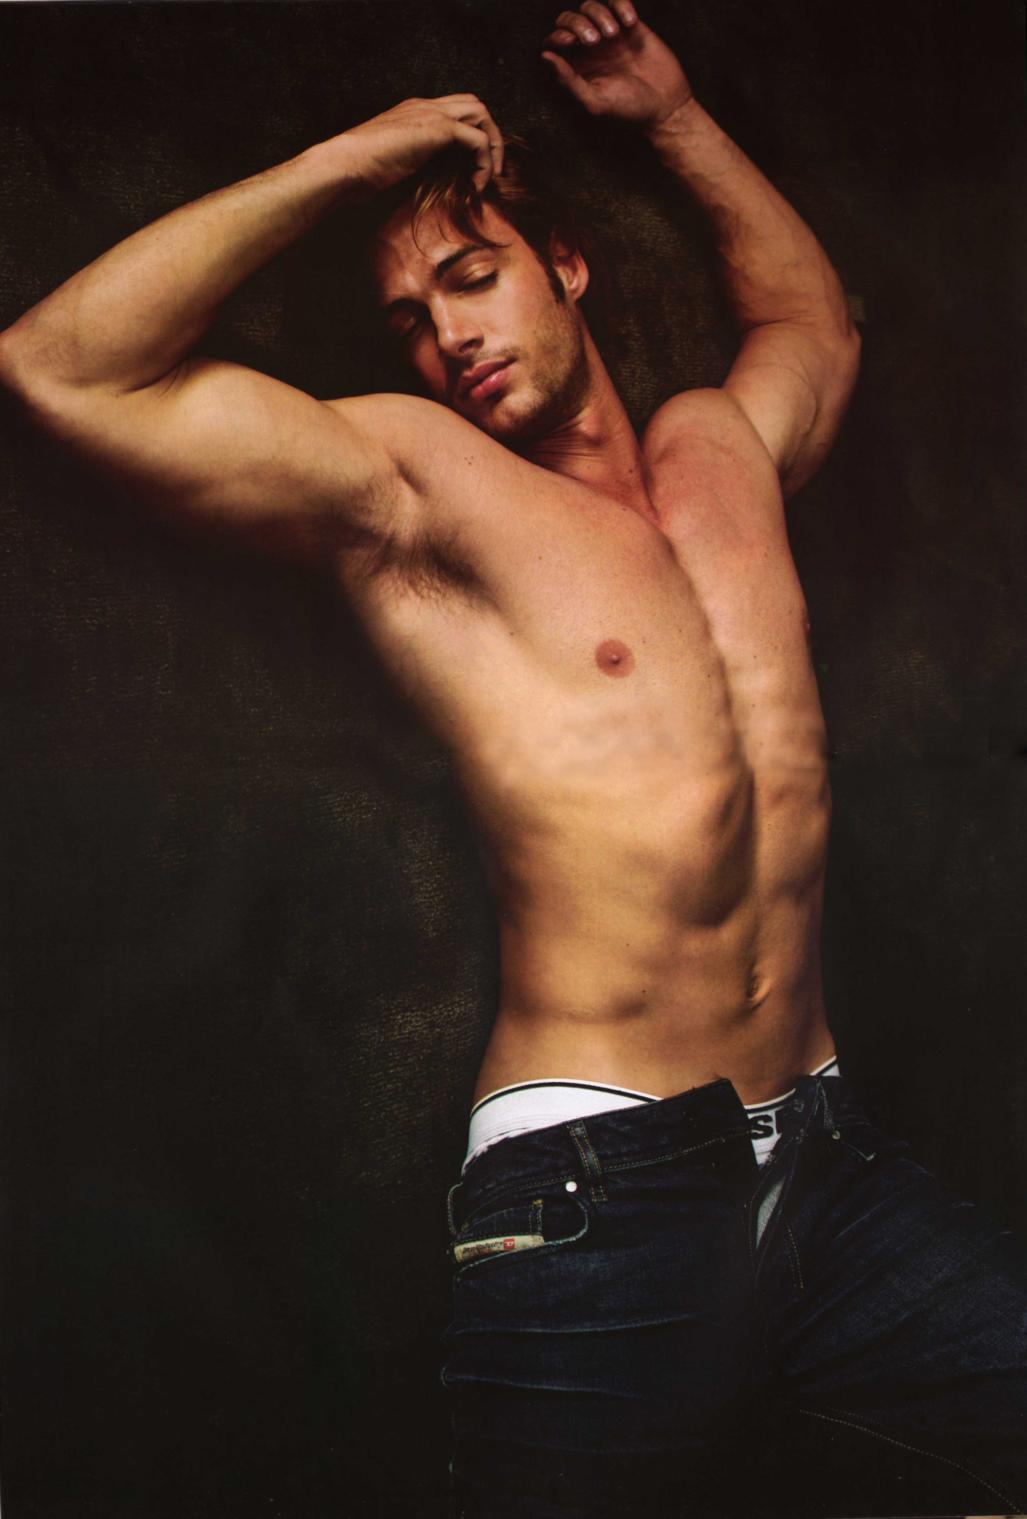 Imagenes de modelos hombres con ropa